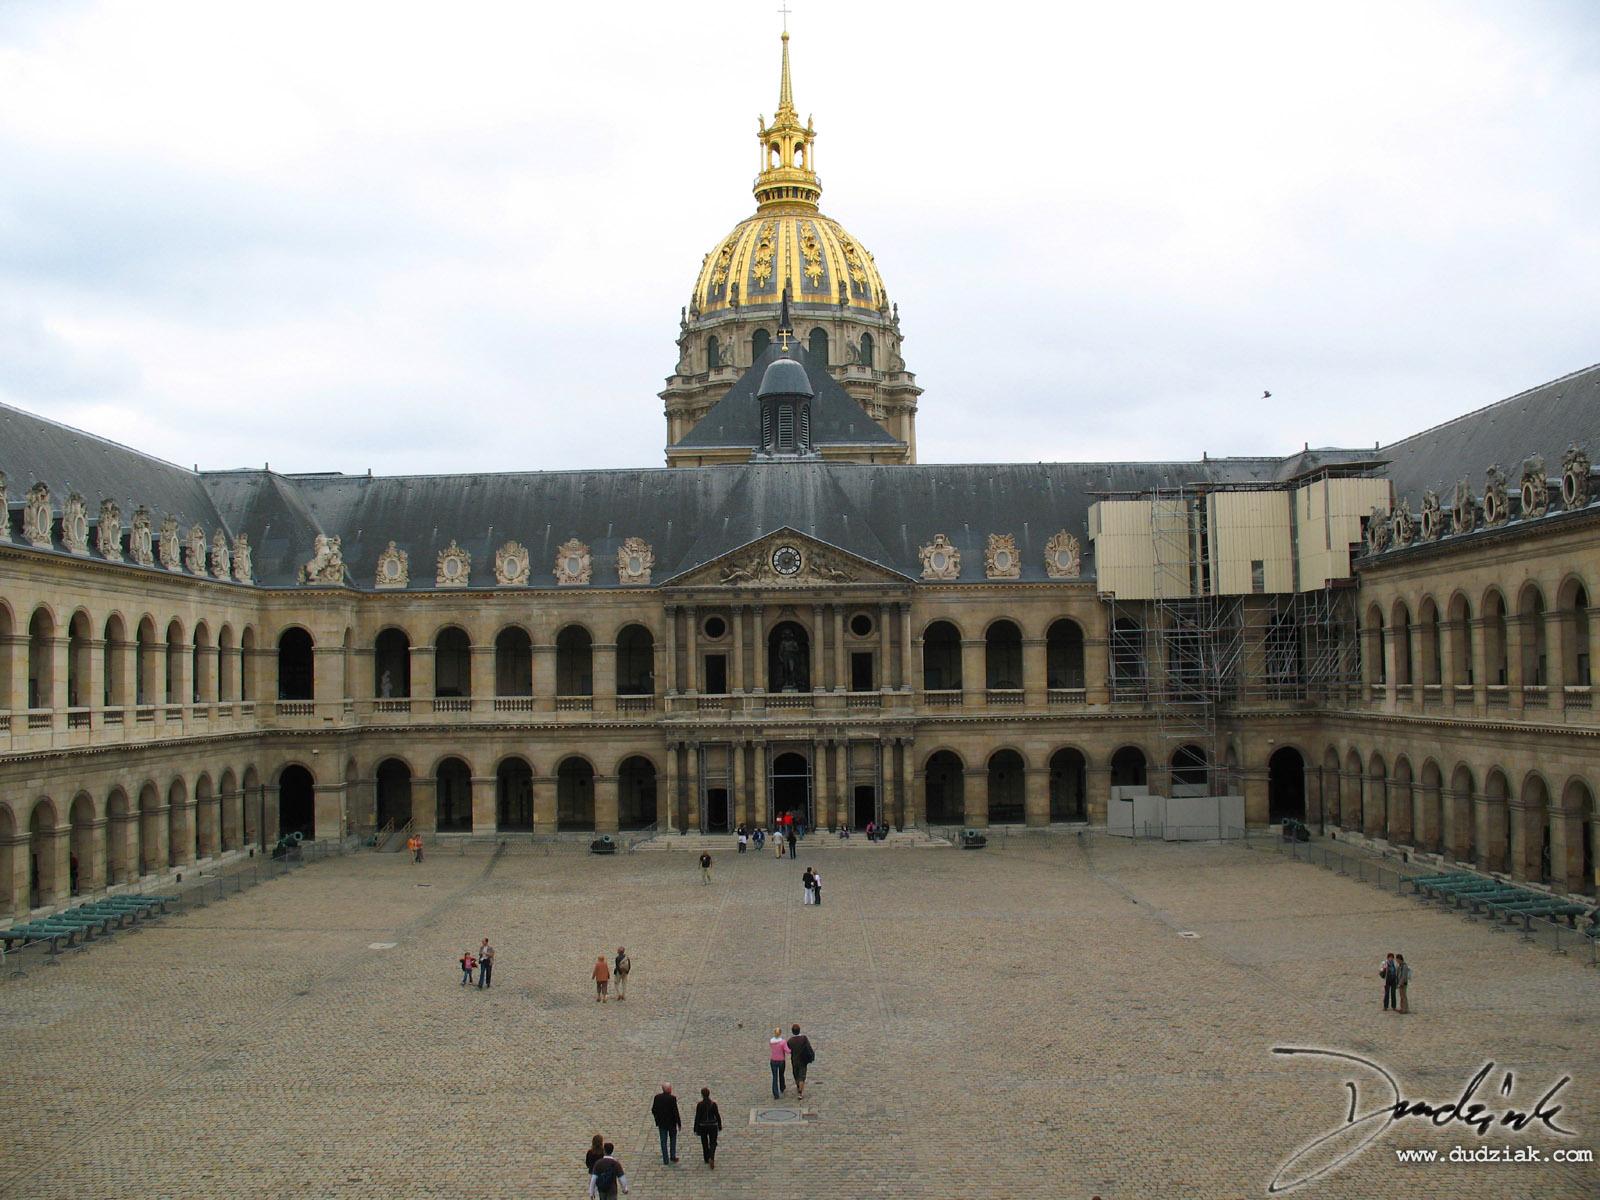 Paris France, Military Museum, Les Invalides, courtyard